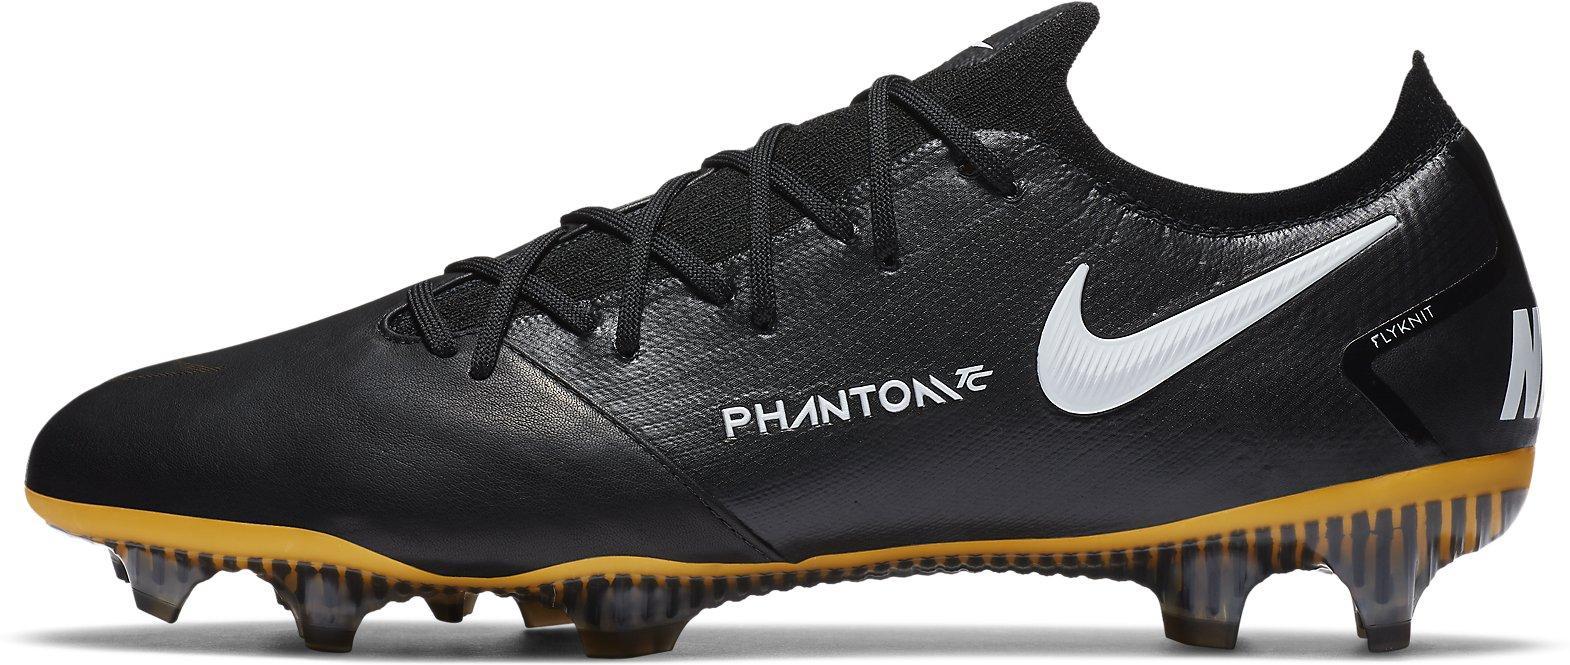 Kopačky Nike PHANTOM GT ELITE TC FG černá